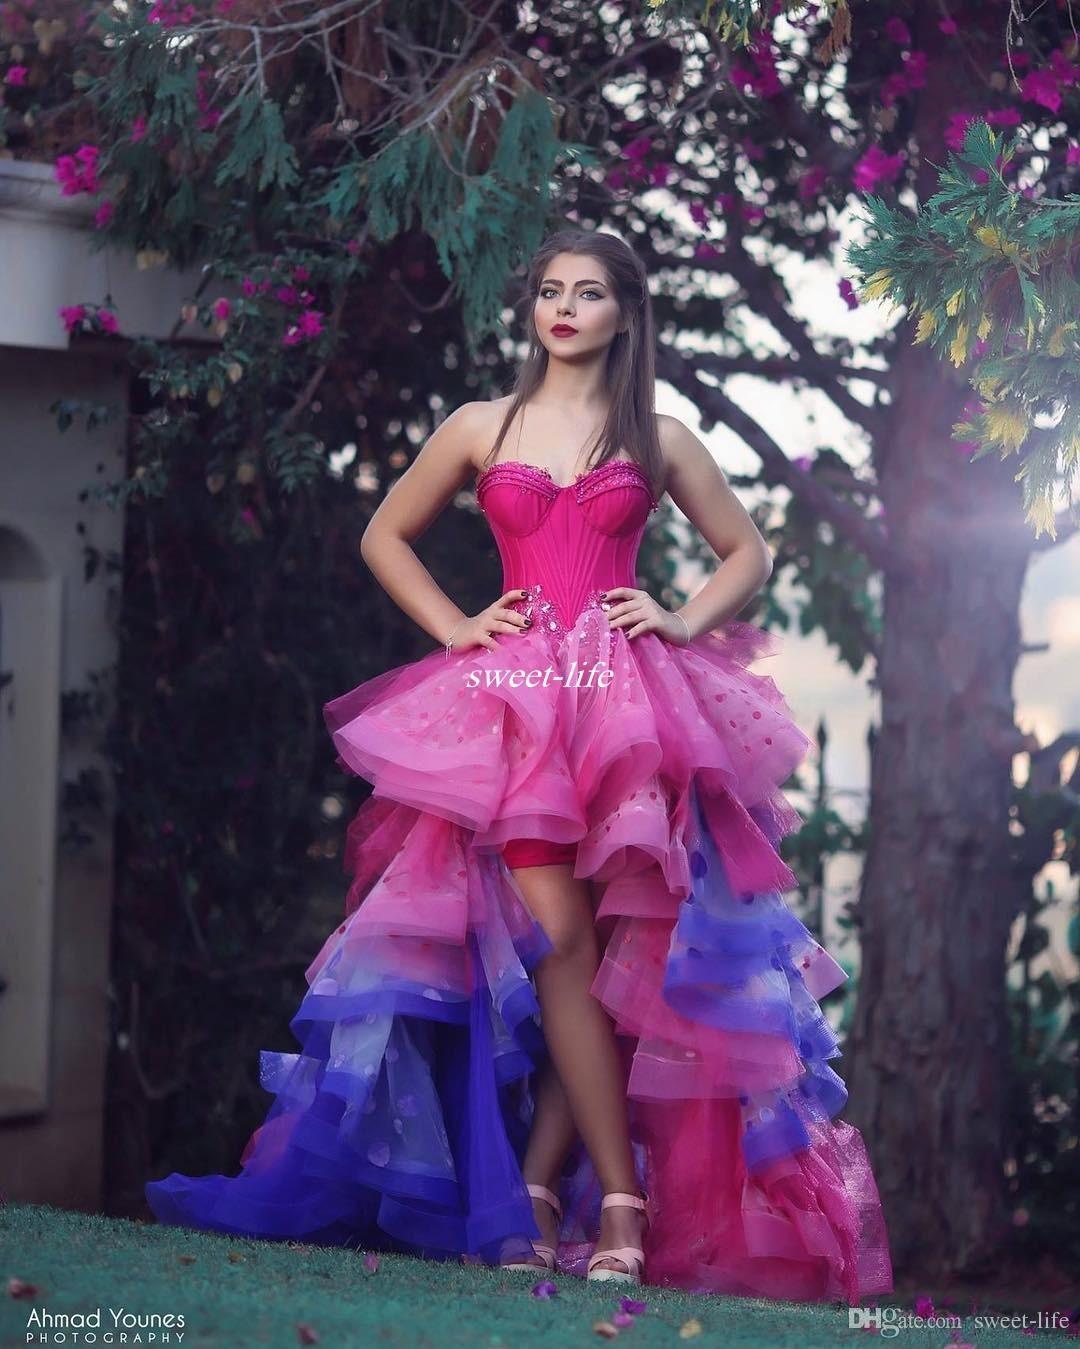 Encantador Hola Vestidos De Cóctel Bajas Imagen - Colección de ...